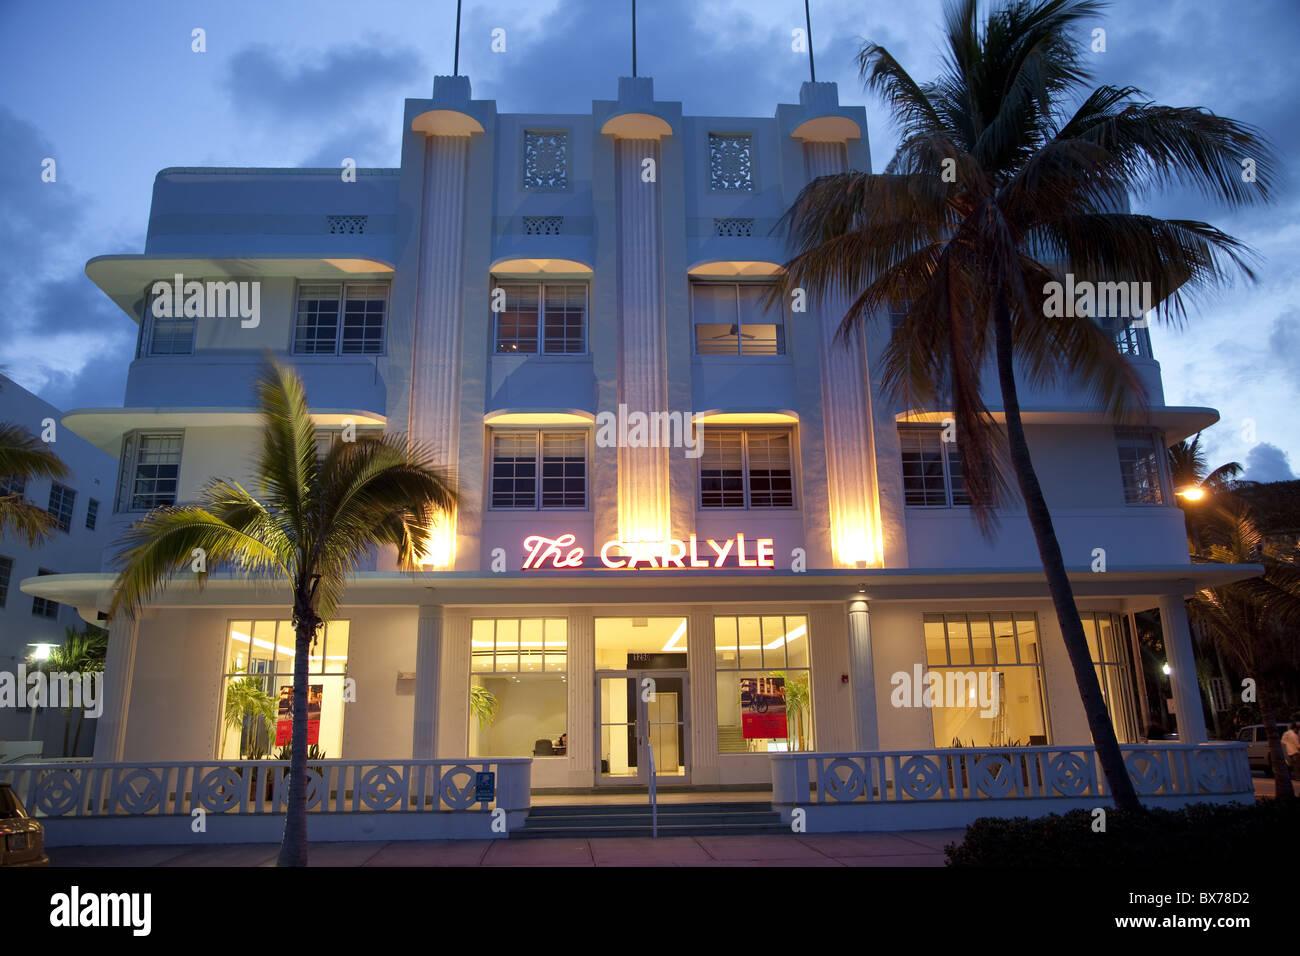 Deco Amerique bâtiment art déco à miami beach, floride, États-unis d'amérique